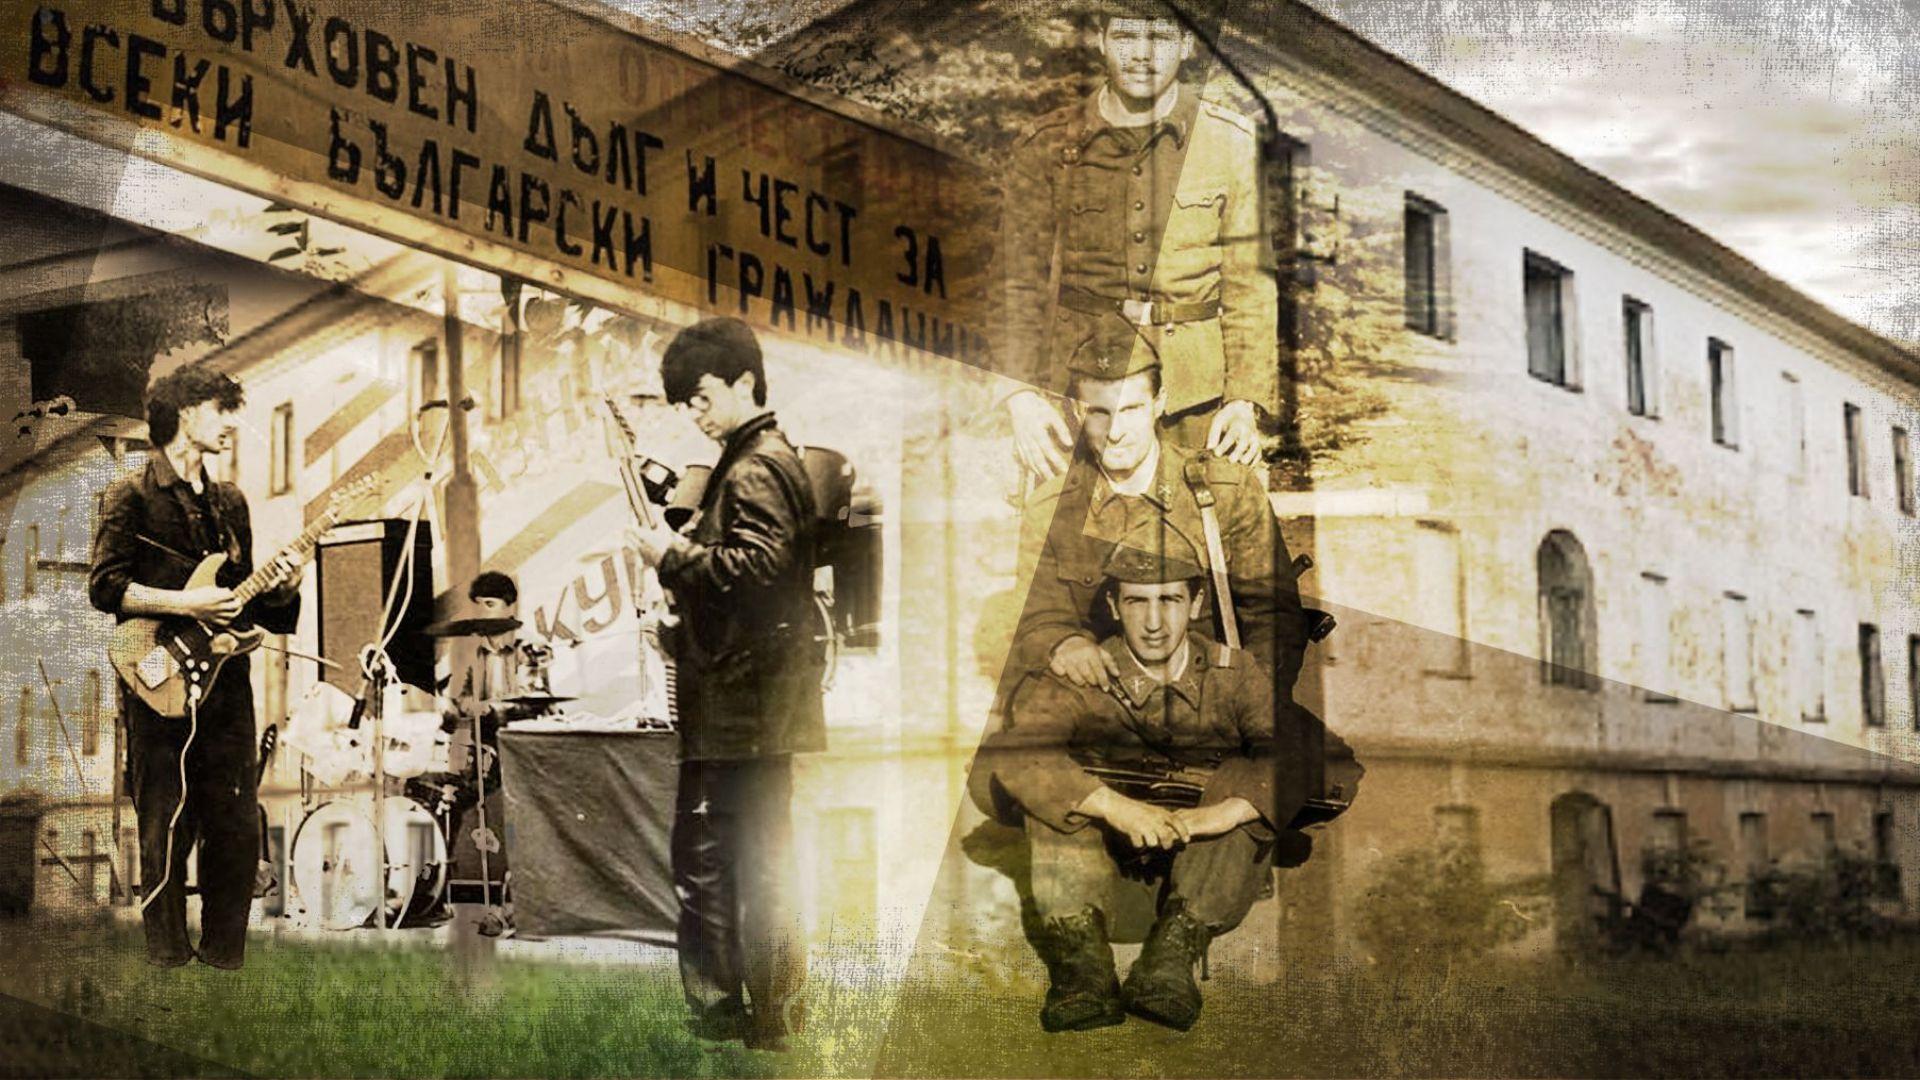 Ерол Ибрахимов: Нежна революция и 5 дни в ареста